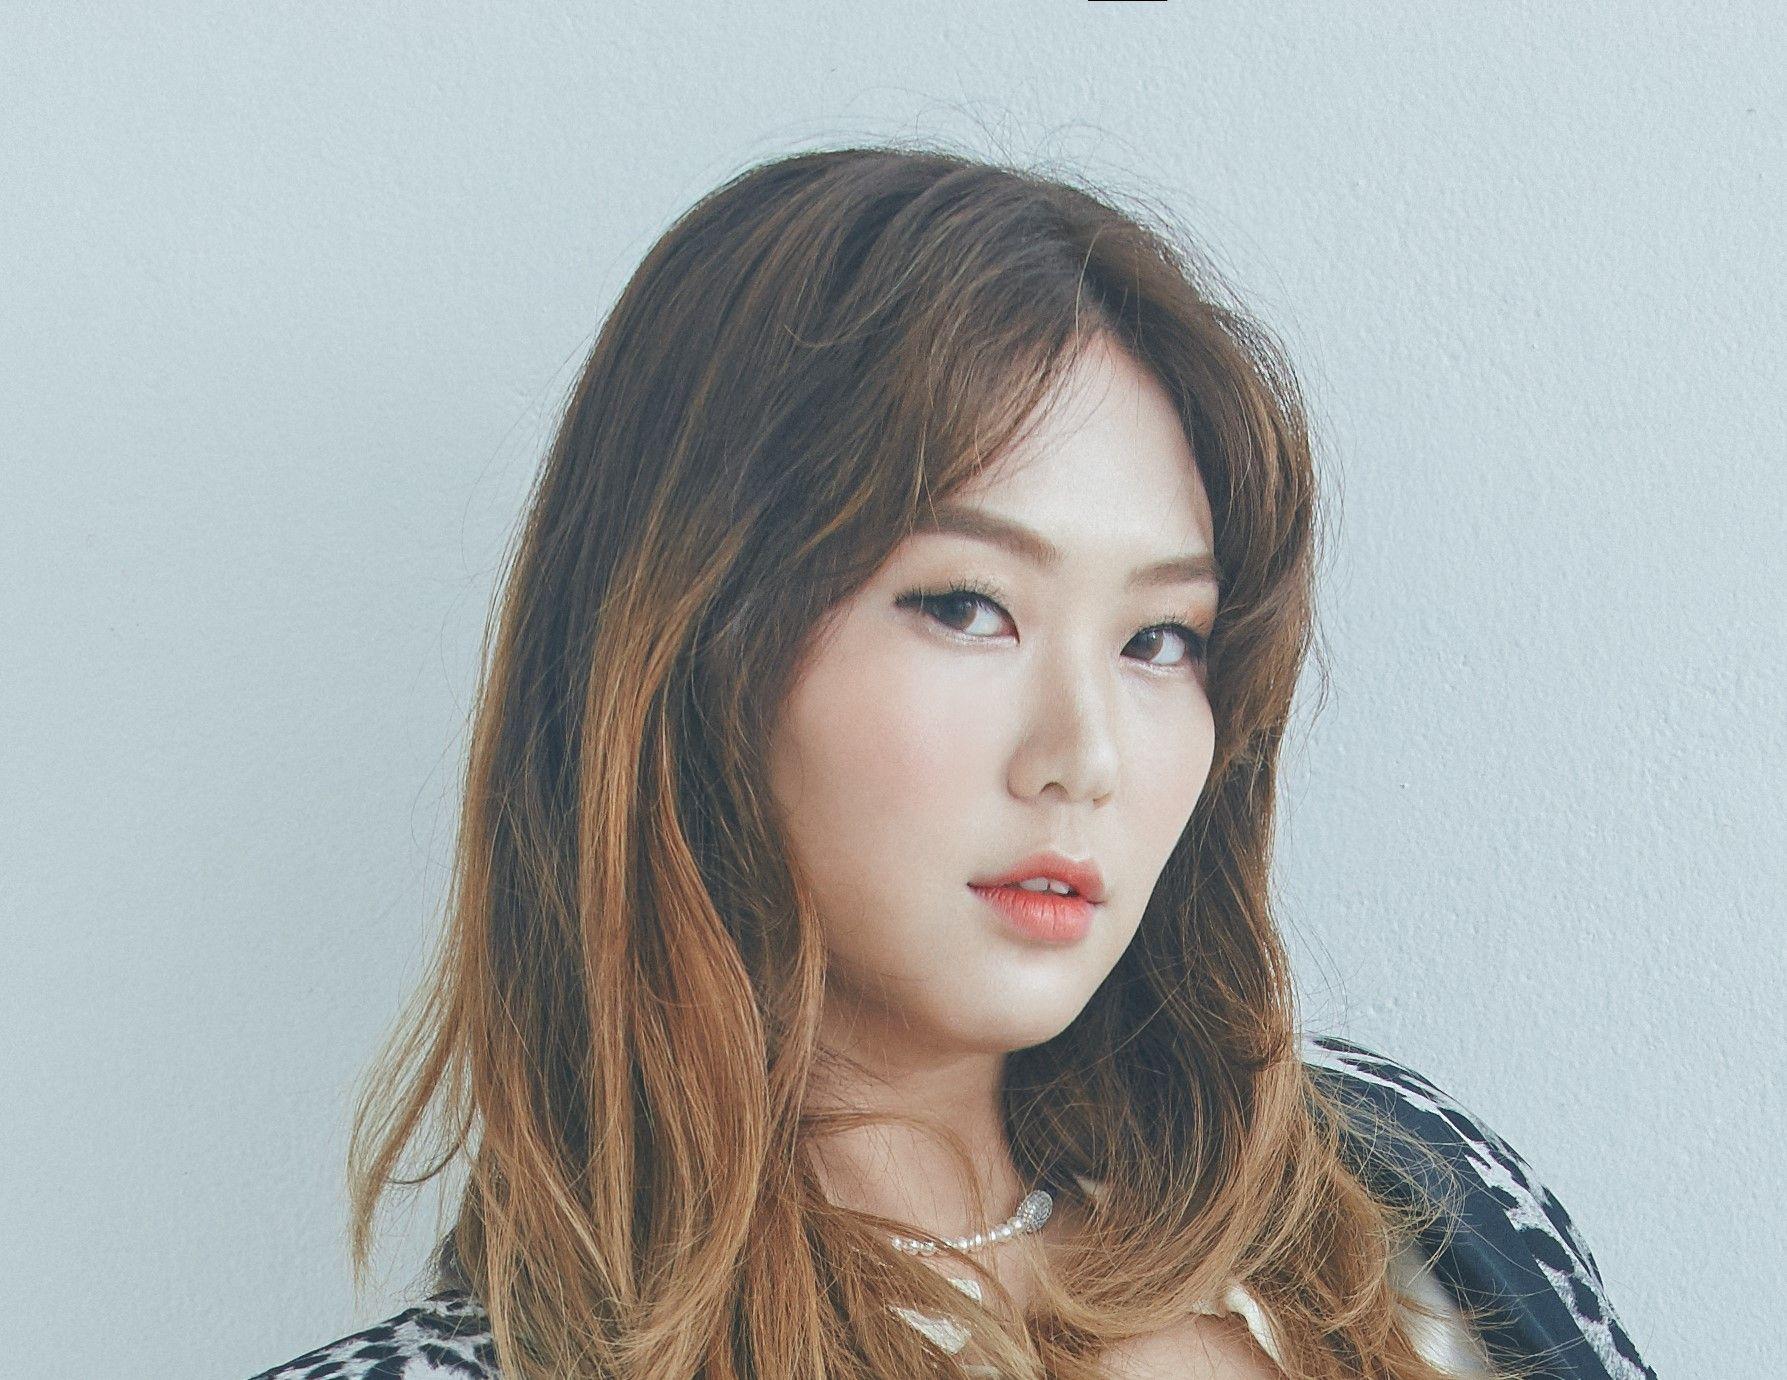 Eun Hee Lee